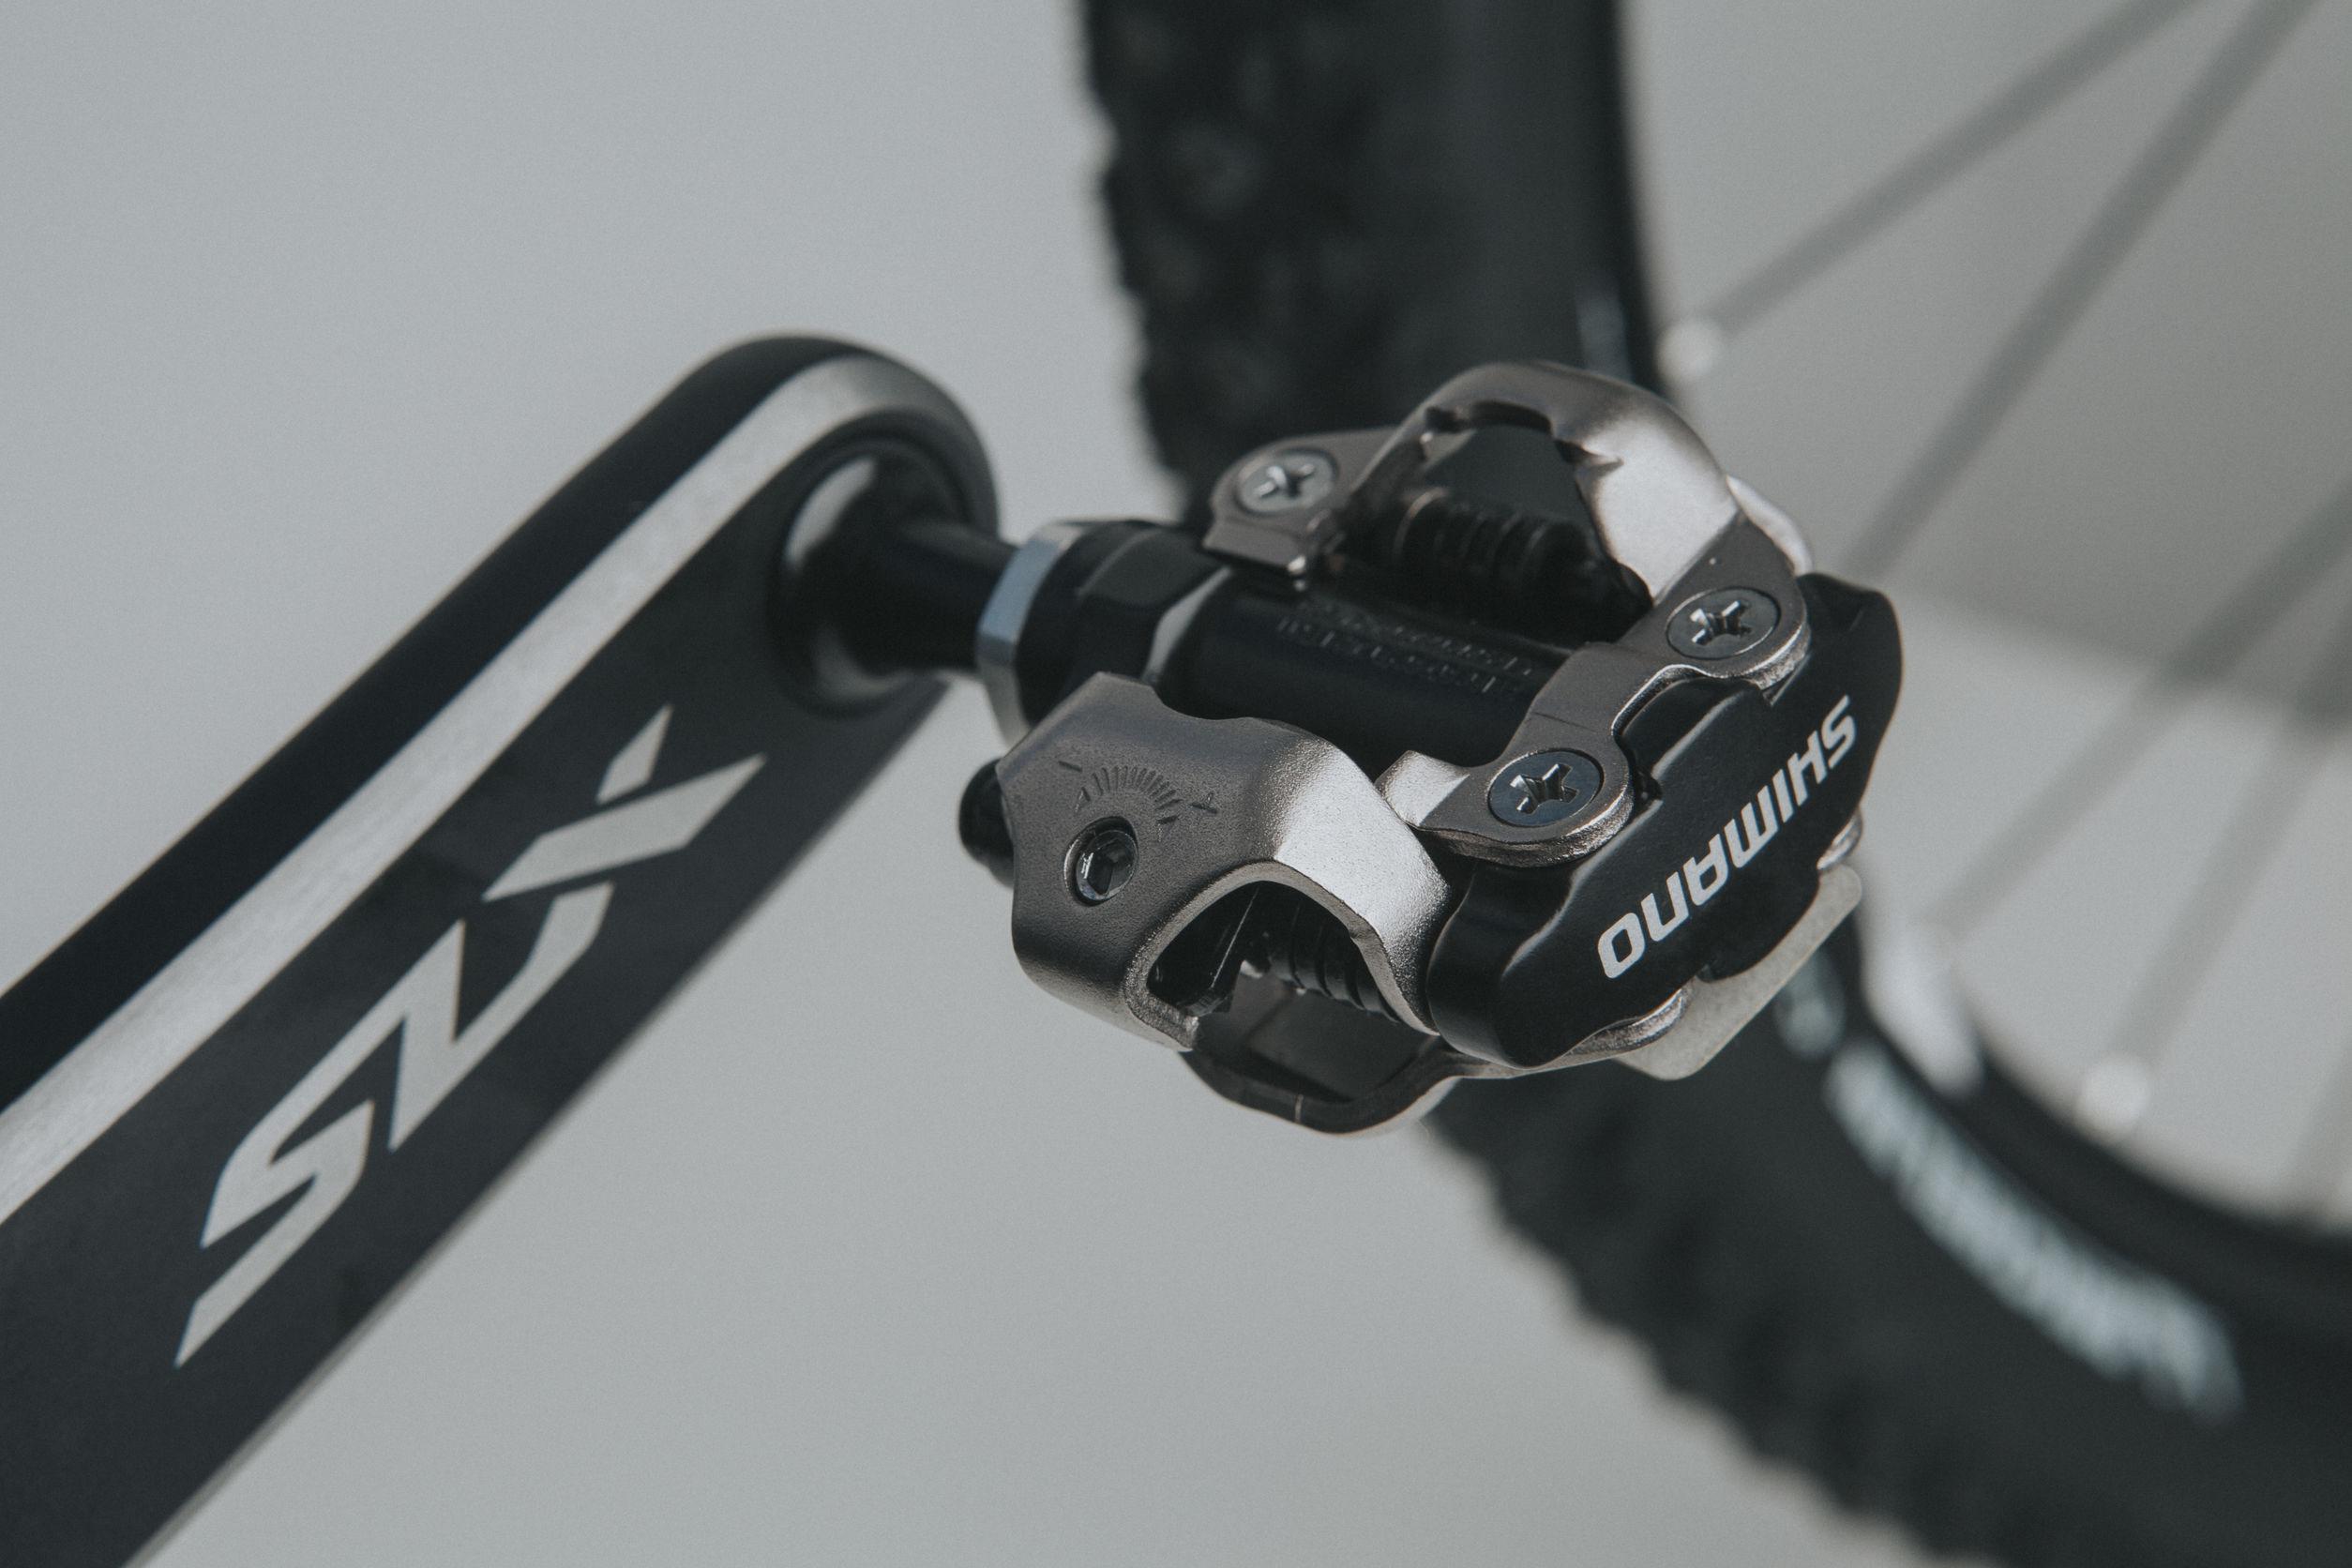 Imagem mostra um pedal Shimano em foco seletivo, com um pneu ao fundo, desfocado.